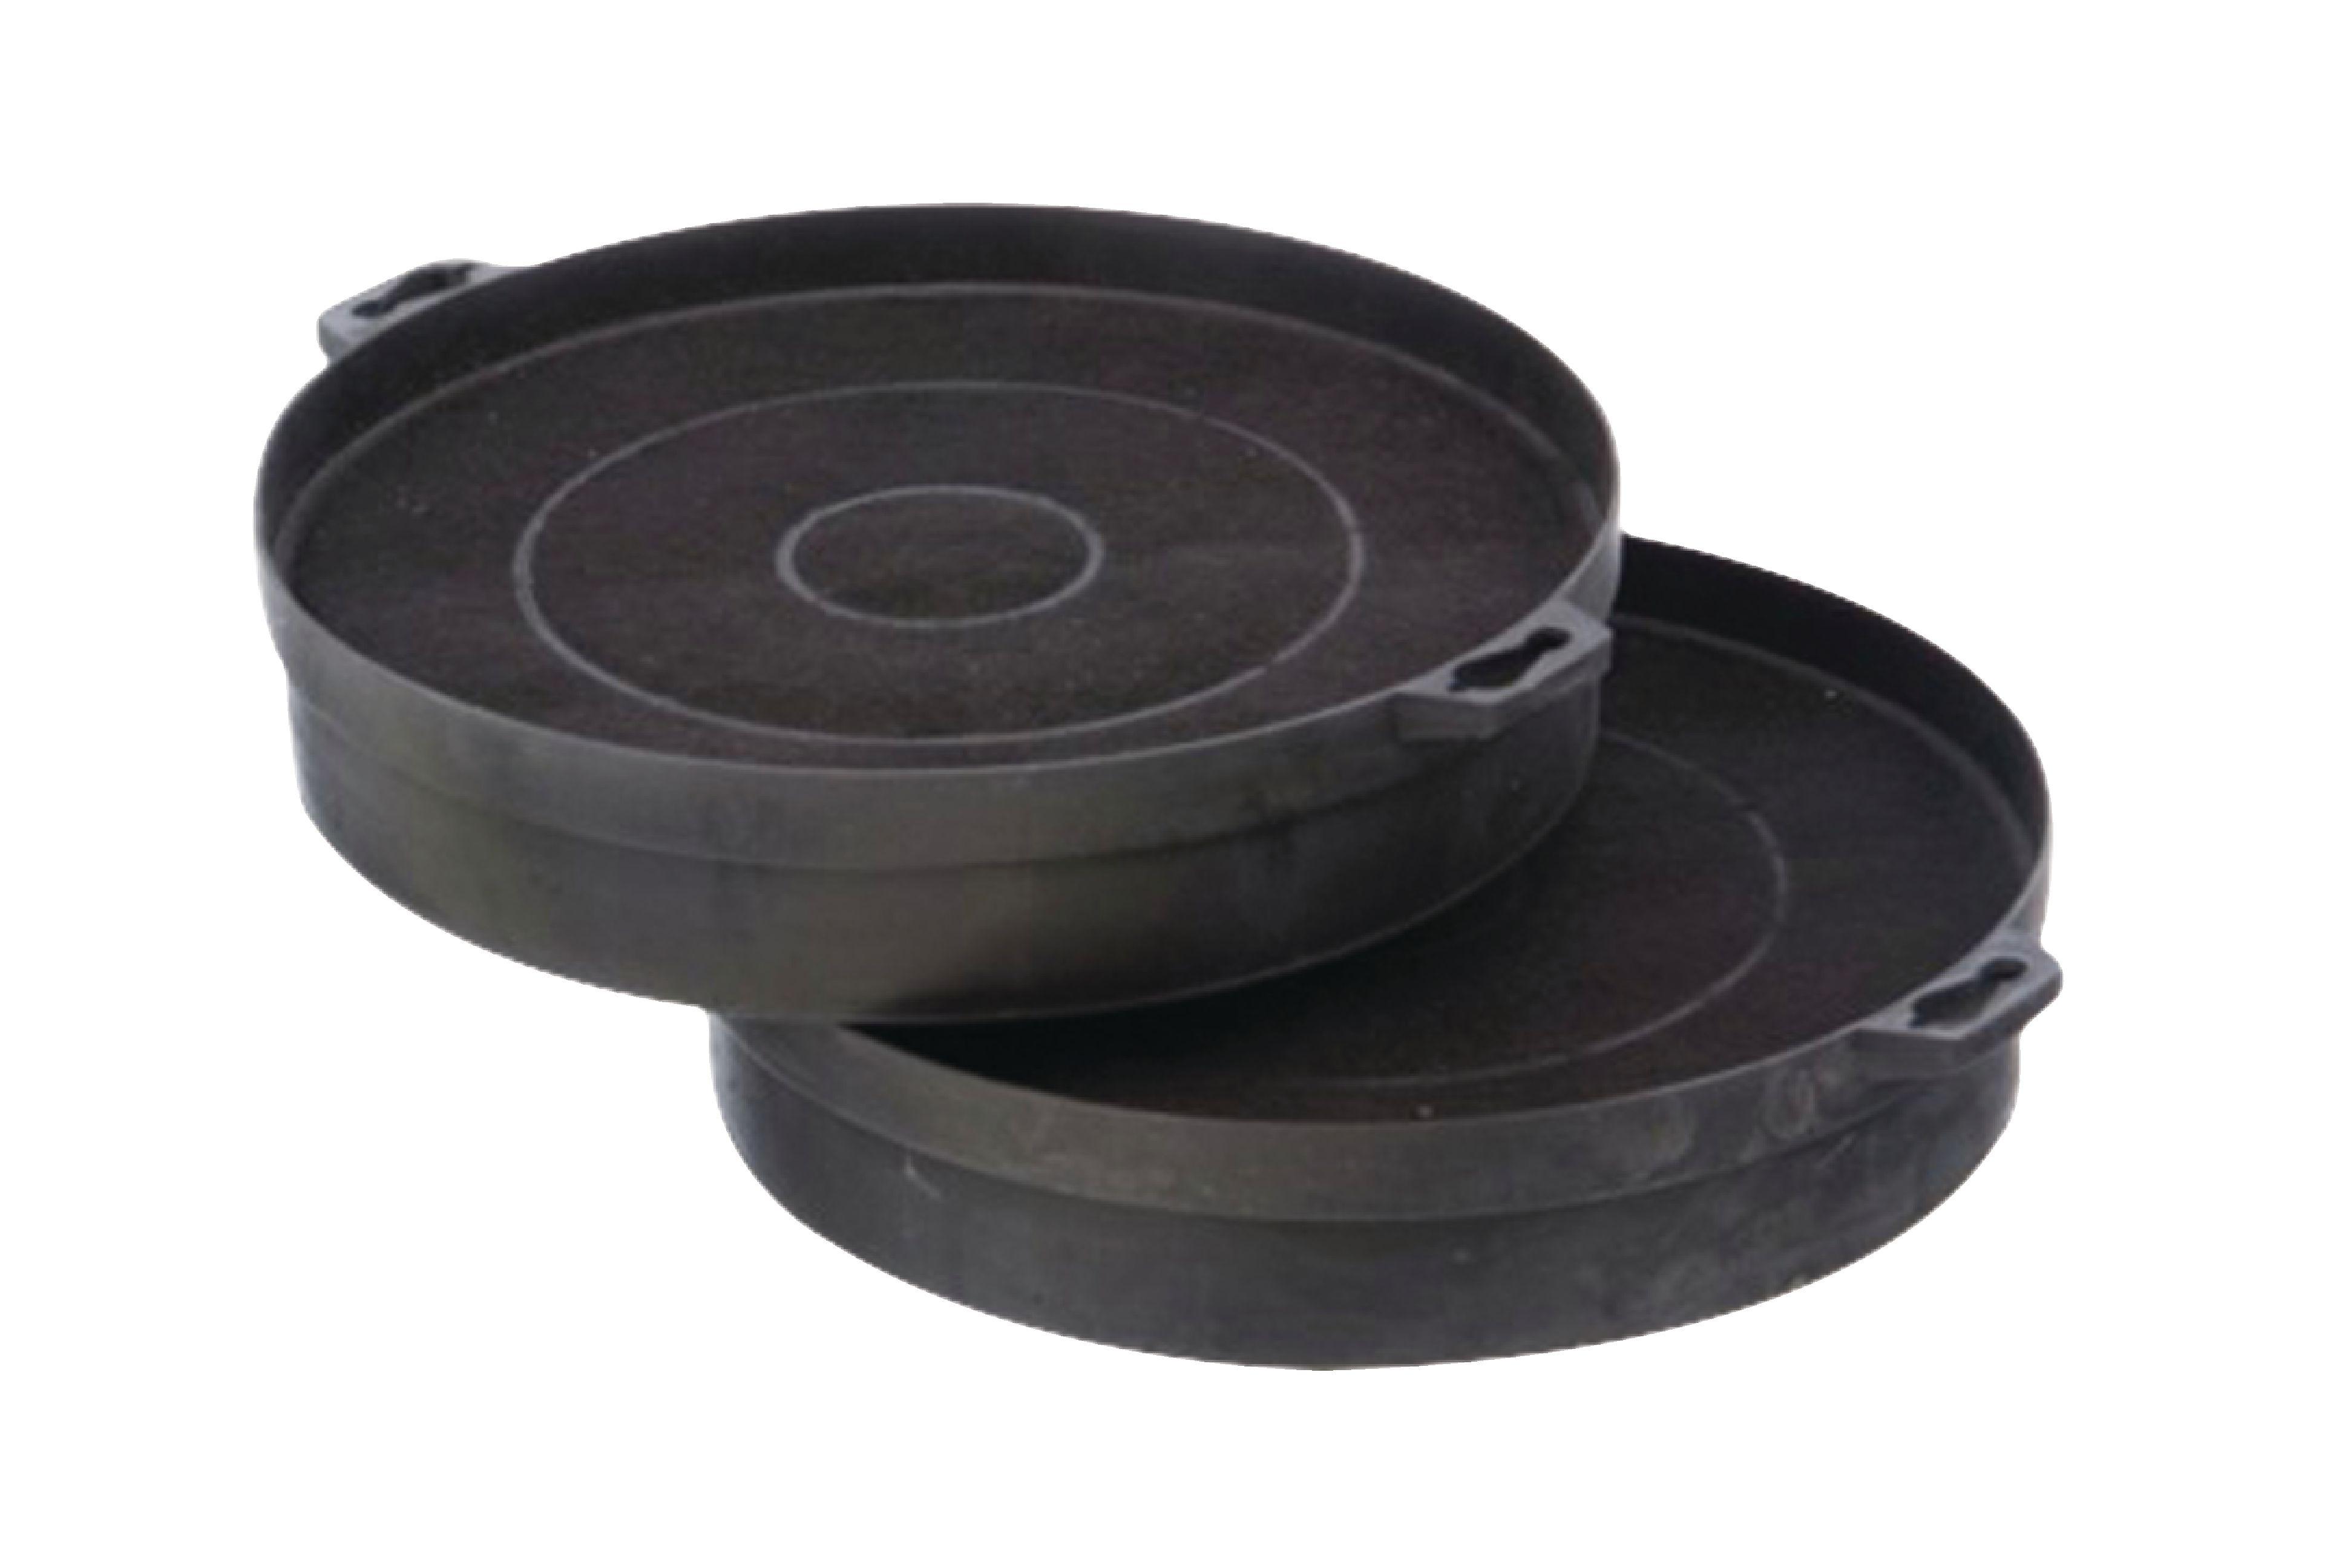 Uhlíkový filtr do digestoře Bosh/Siemens, Ø 20 cm, 2ks